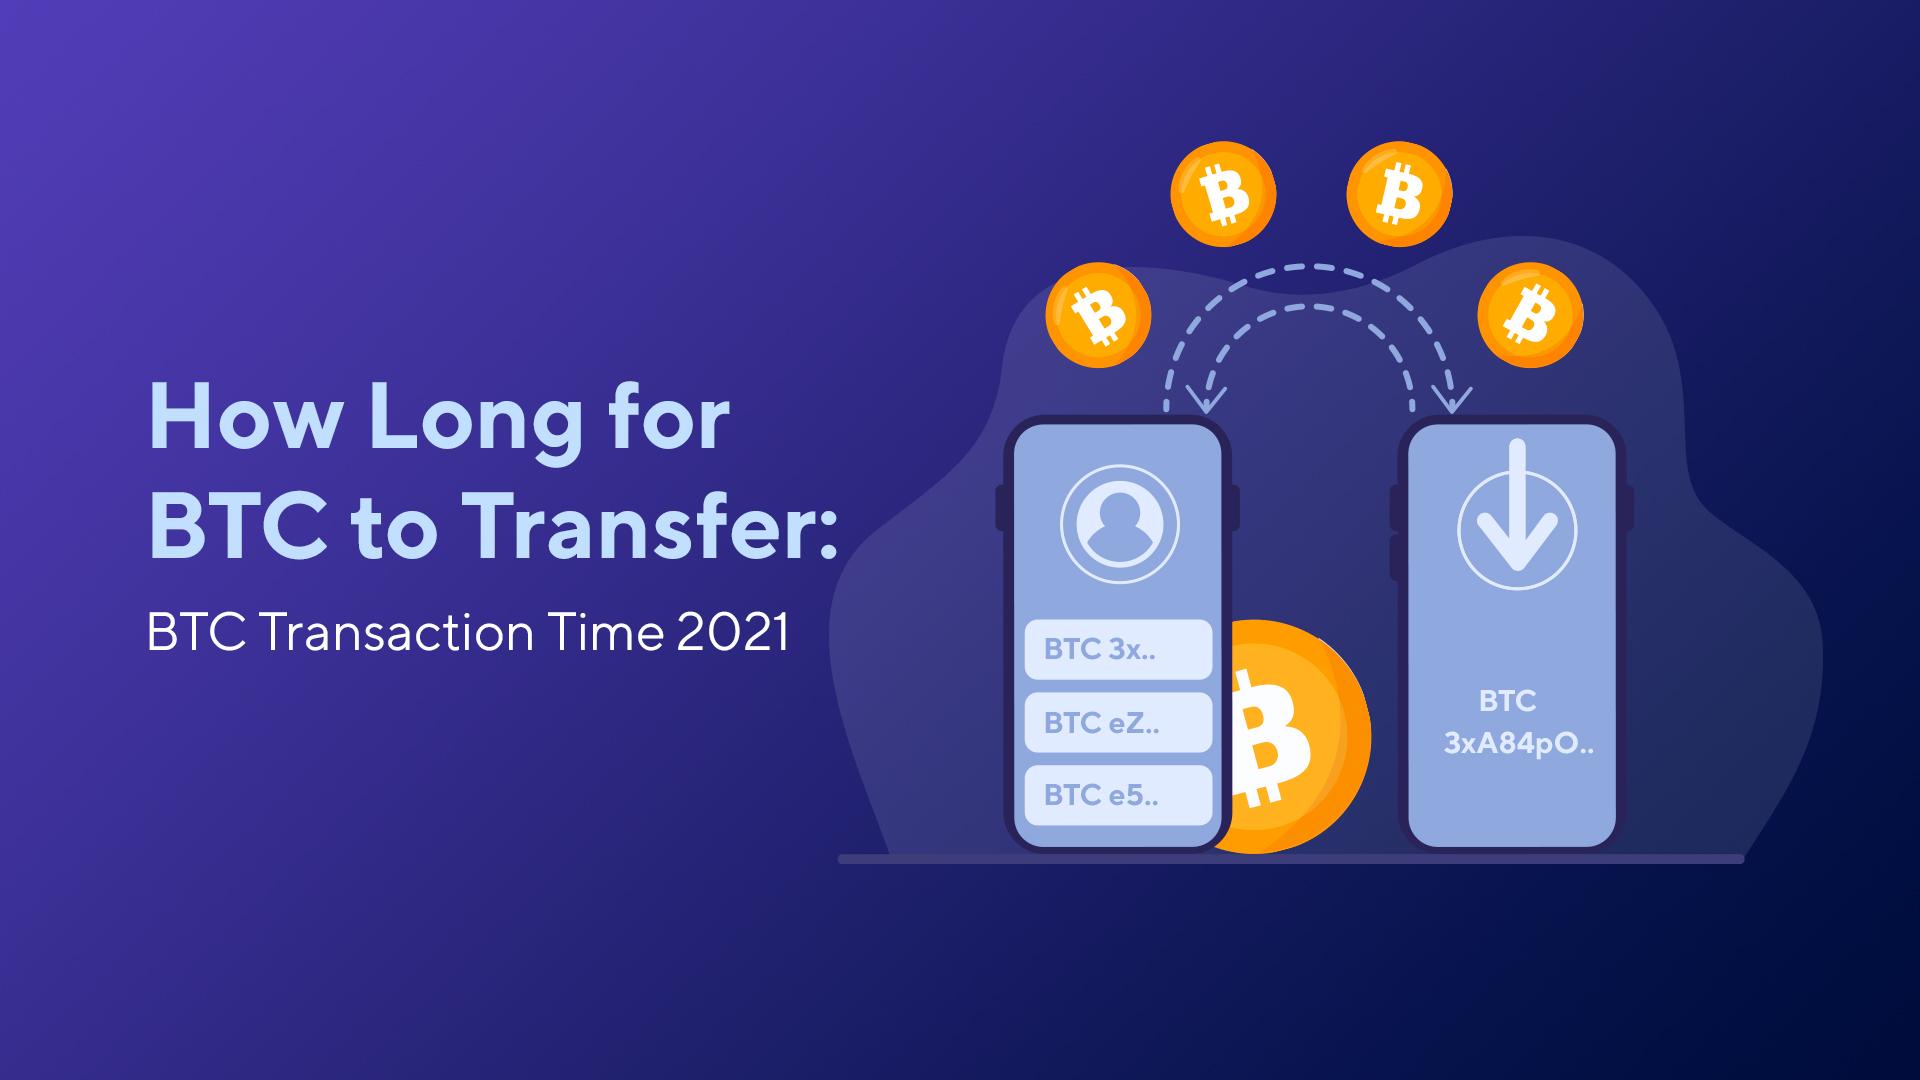 How Long for BTC to Transfer: BTC Transaction Time 2021